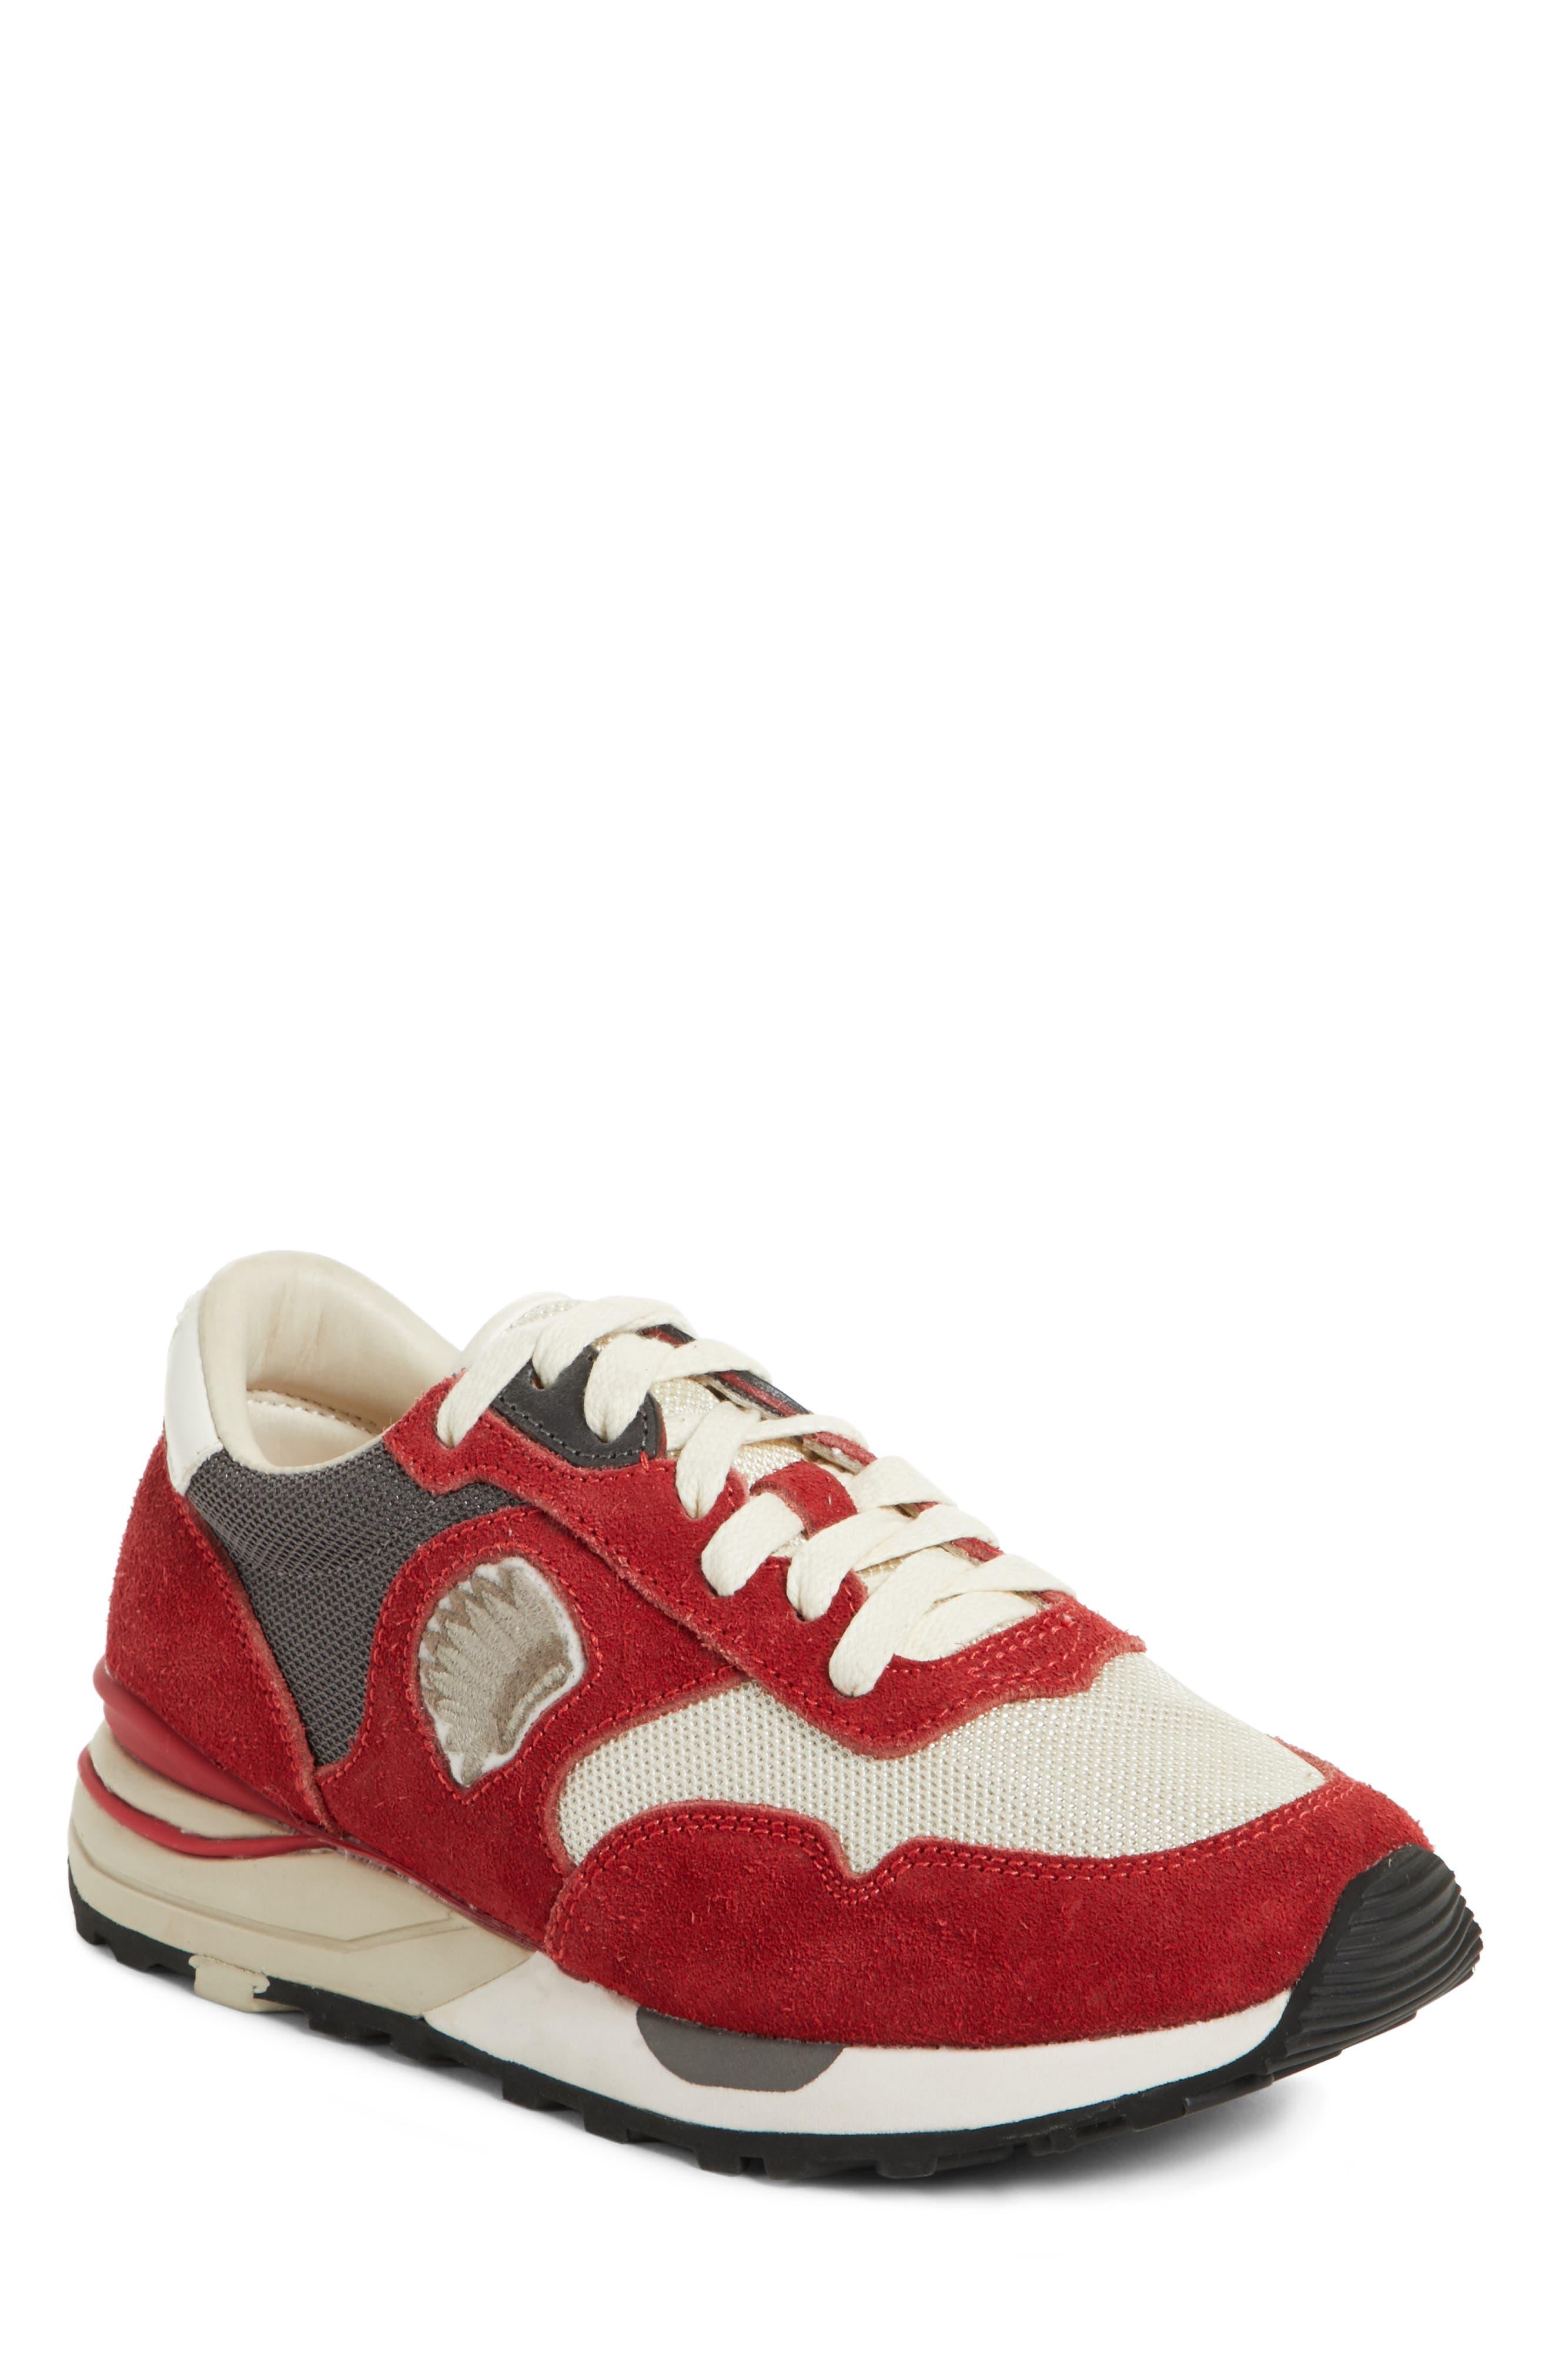 Alternate Image 1 Selected - WMV visvim Roland Jogger Sneaker (Women)